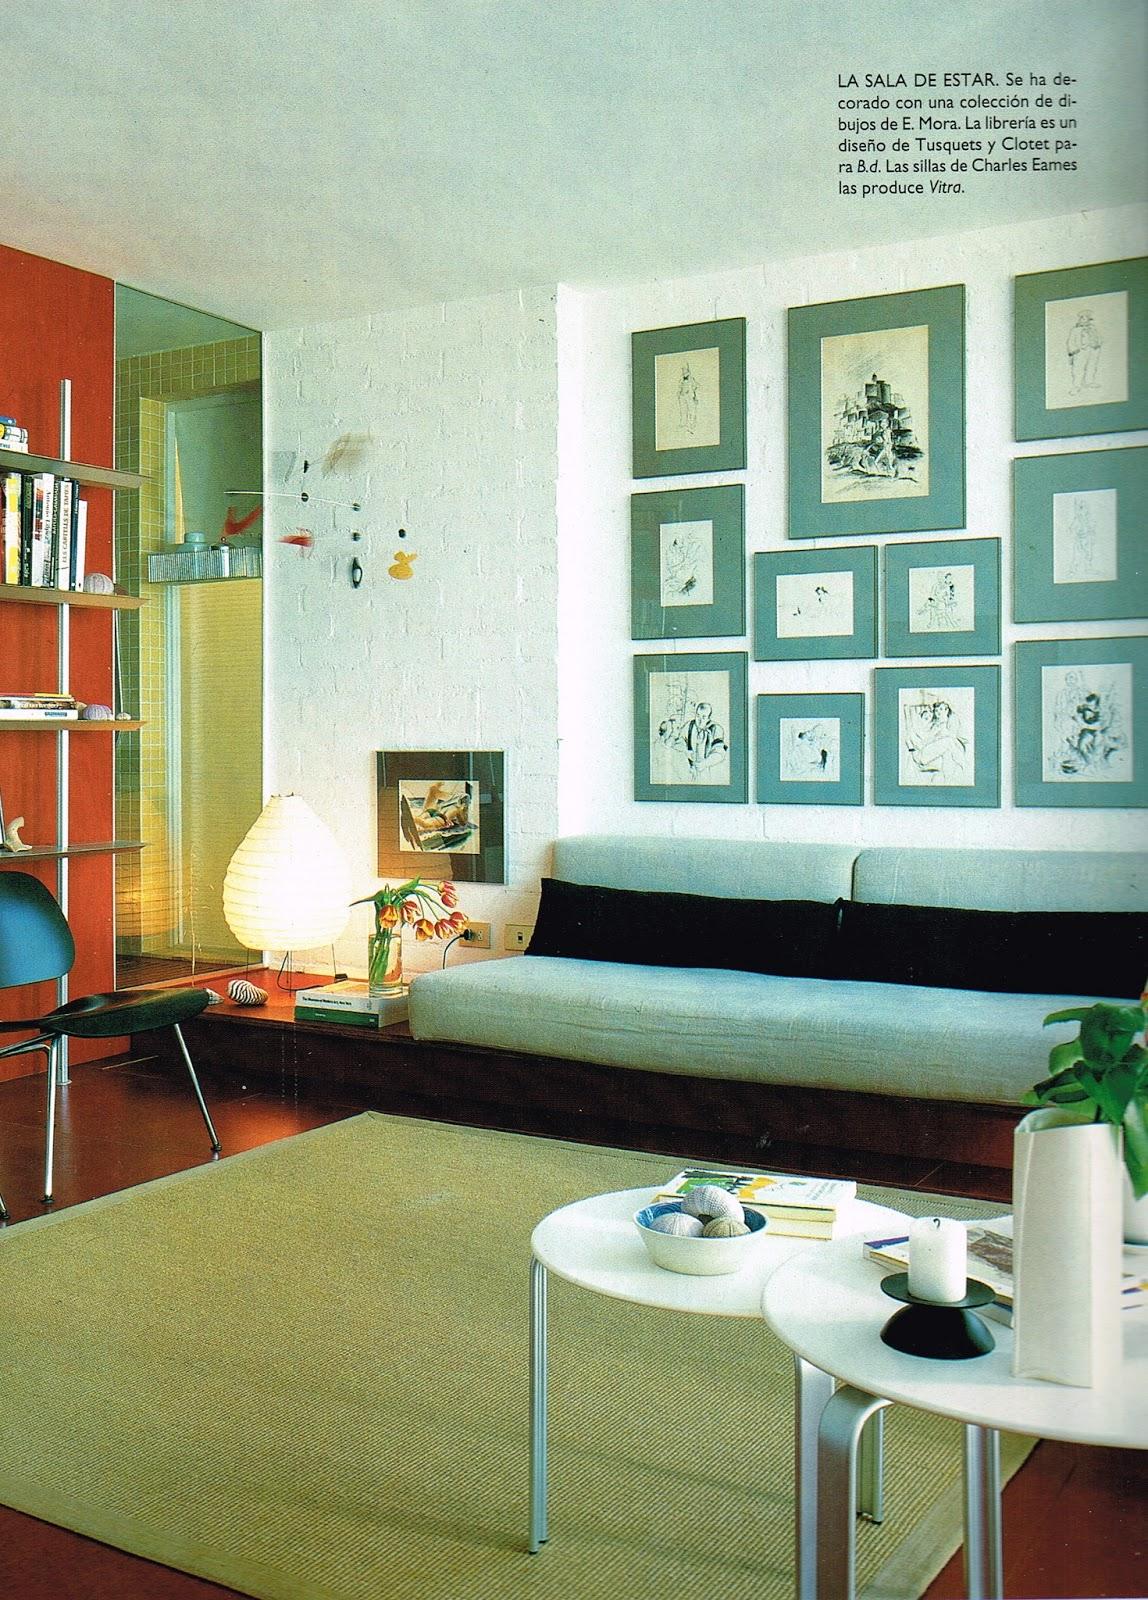 Koradecora salones sencillos y modernos - Salones sencillos ...